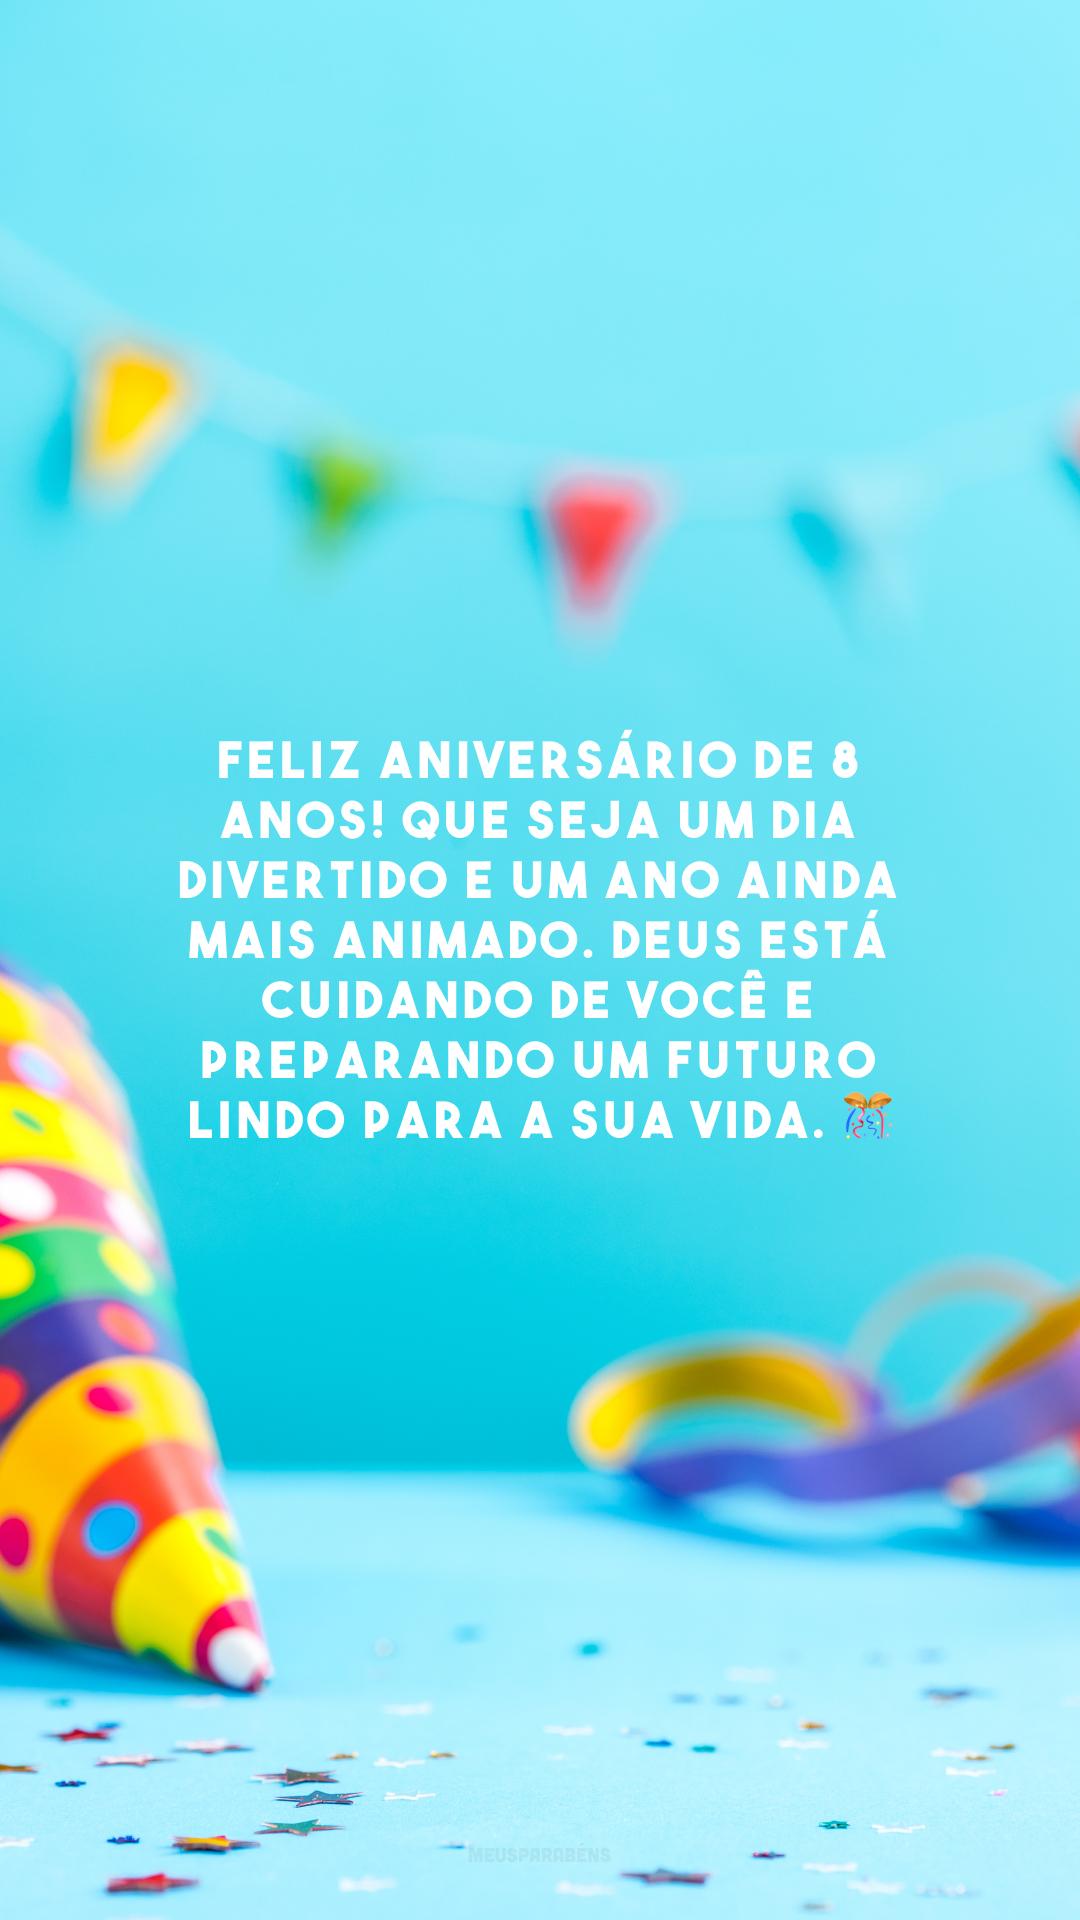 Feliz aniversário de 8 anos! Que seja um dia divertido e um ano ainda mais animado. Deus está cuidando de você e preparando um futuro lindo para a sua vida. 🎊